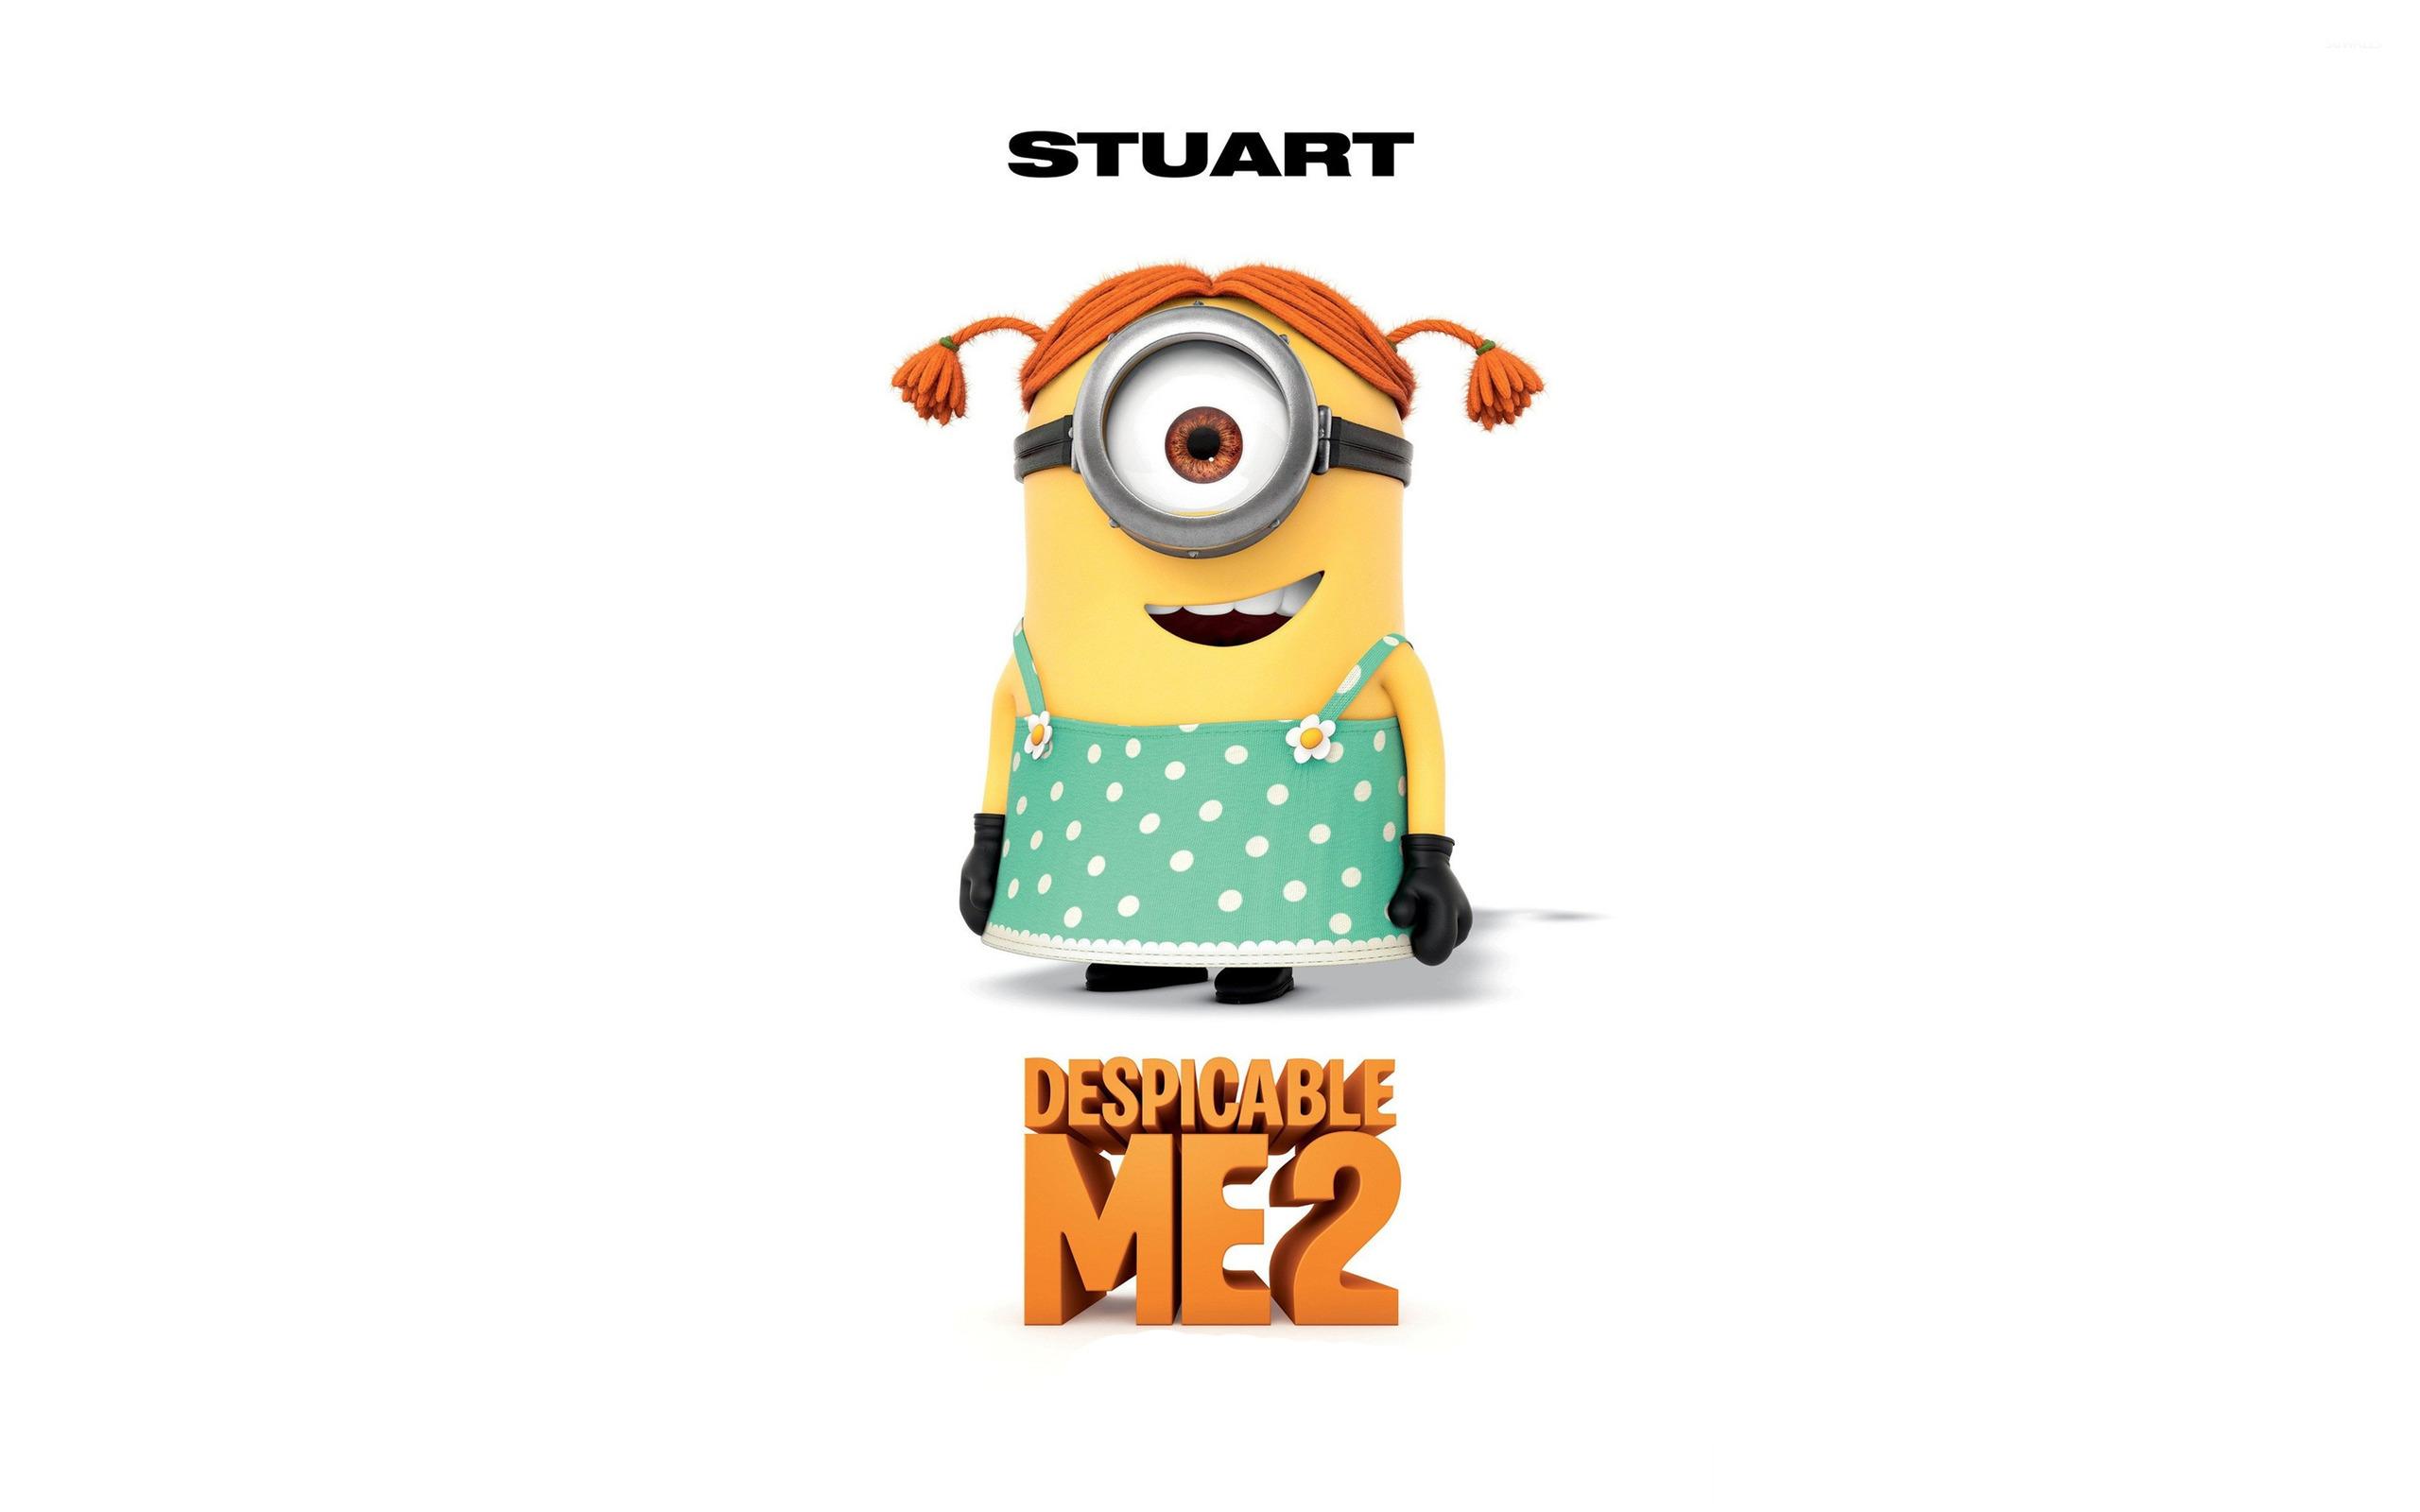 Stuart - Despicable Me 2 wallpaper - Cartoon wallpapers - #22653